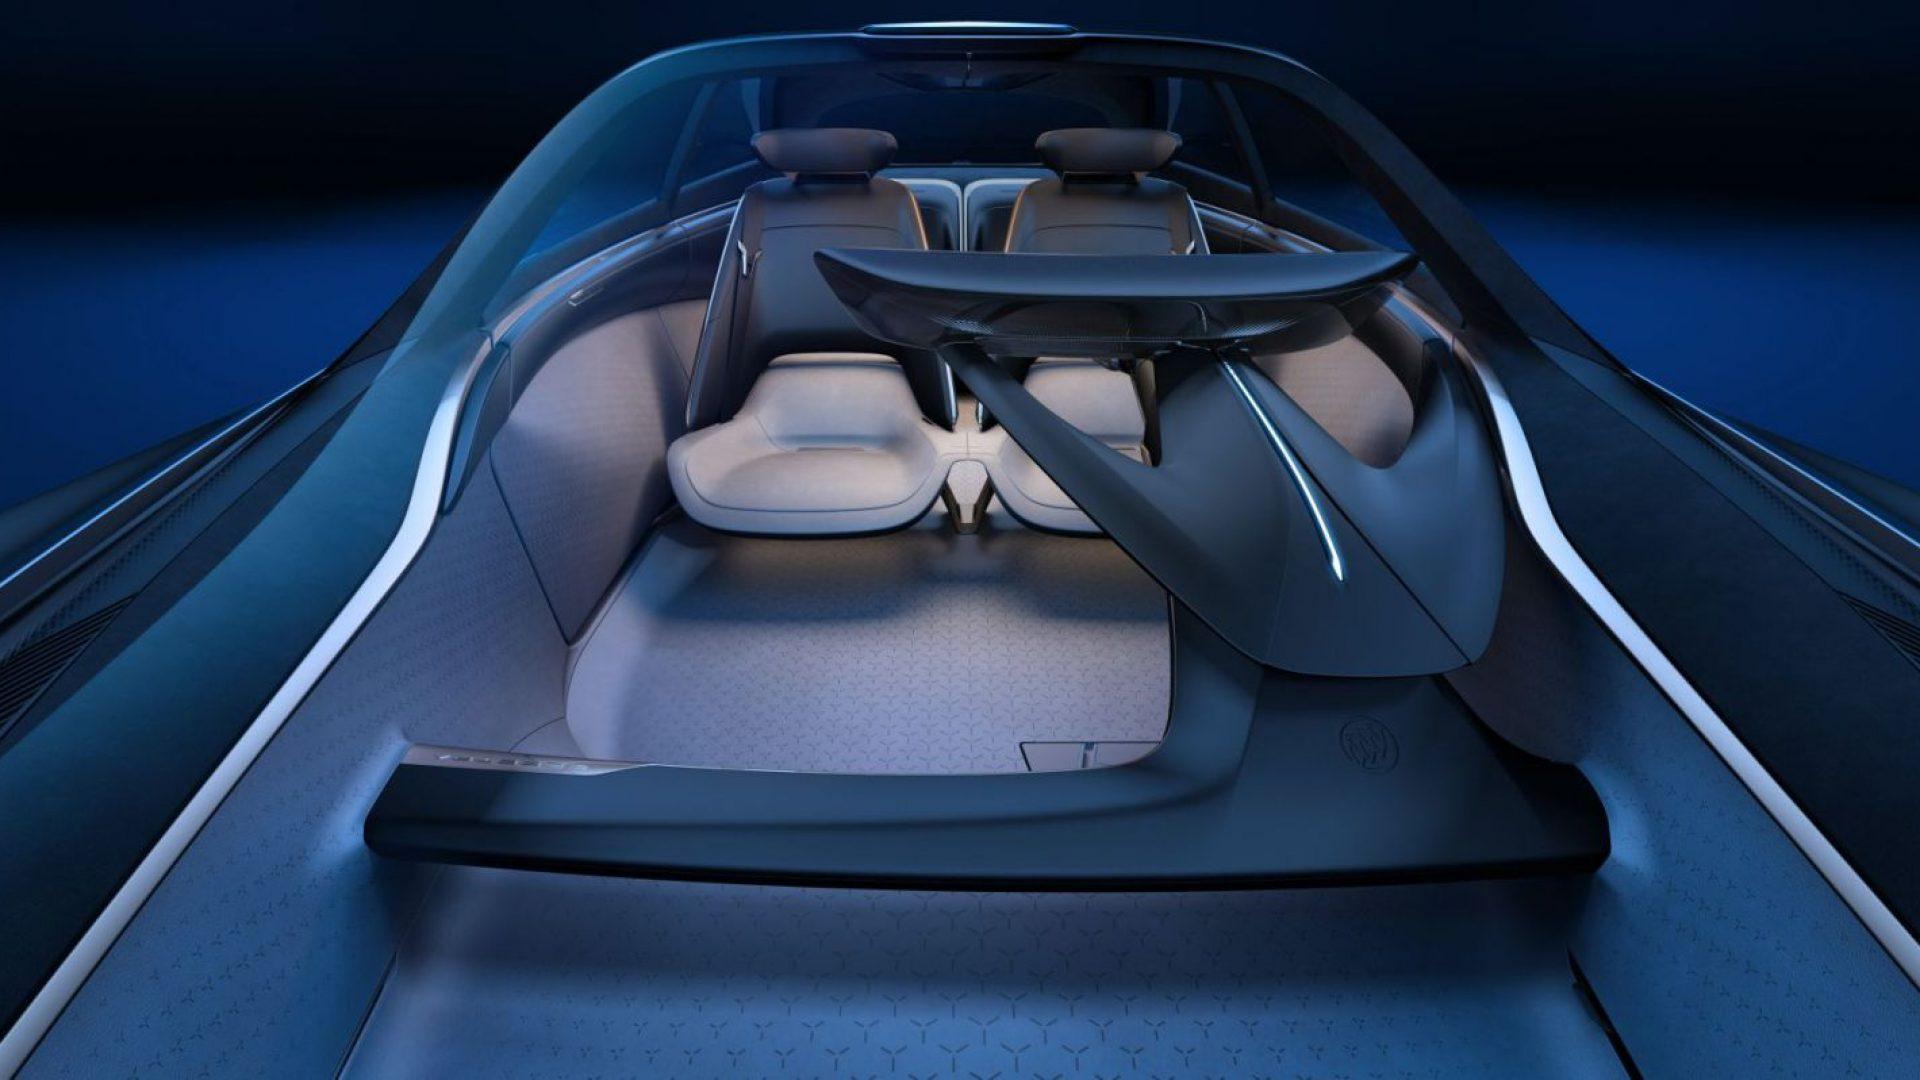 2020-Buick-Electra-Concept-Interior-01